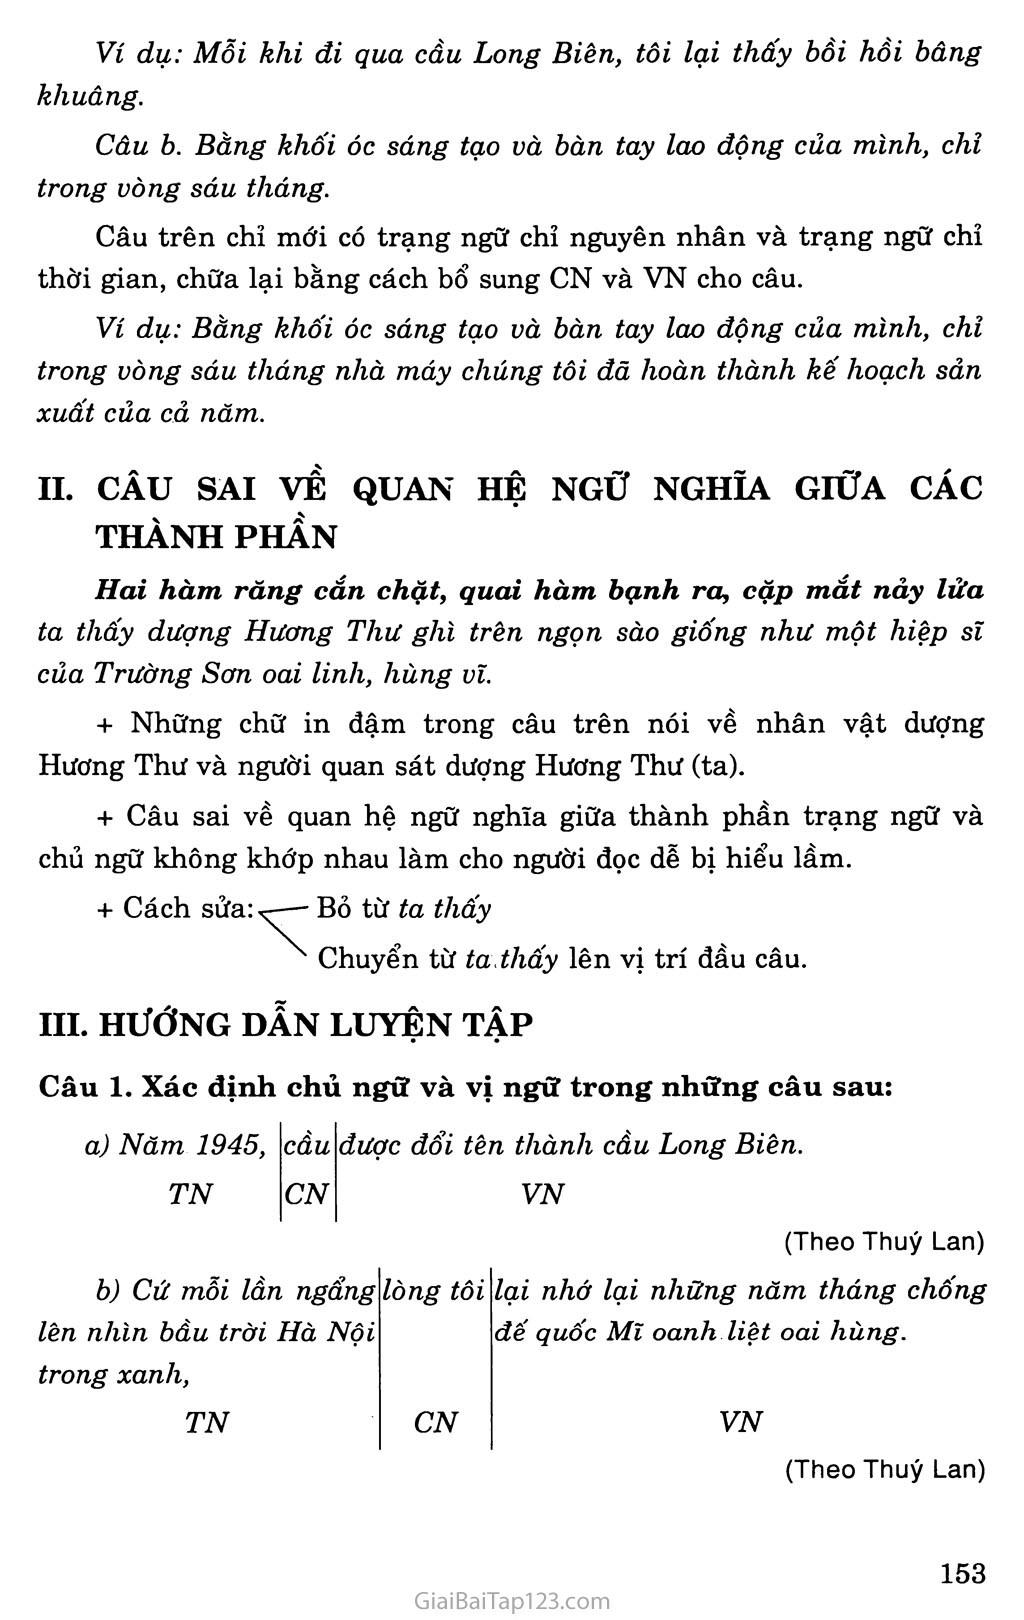 Chữa lỗi về chủ ngữ và vị ngữ (tiếp theo) trang 2